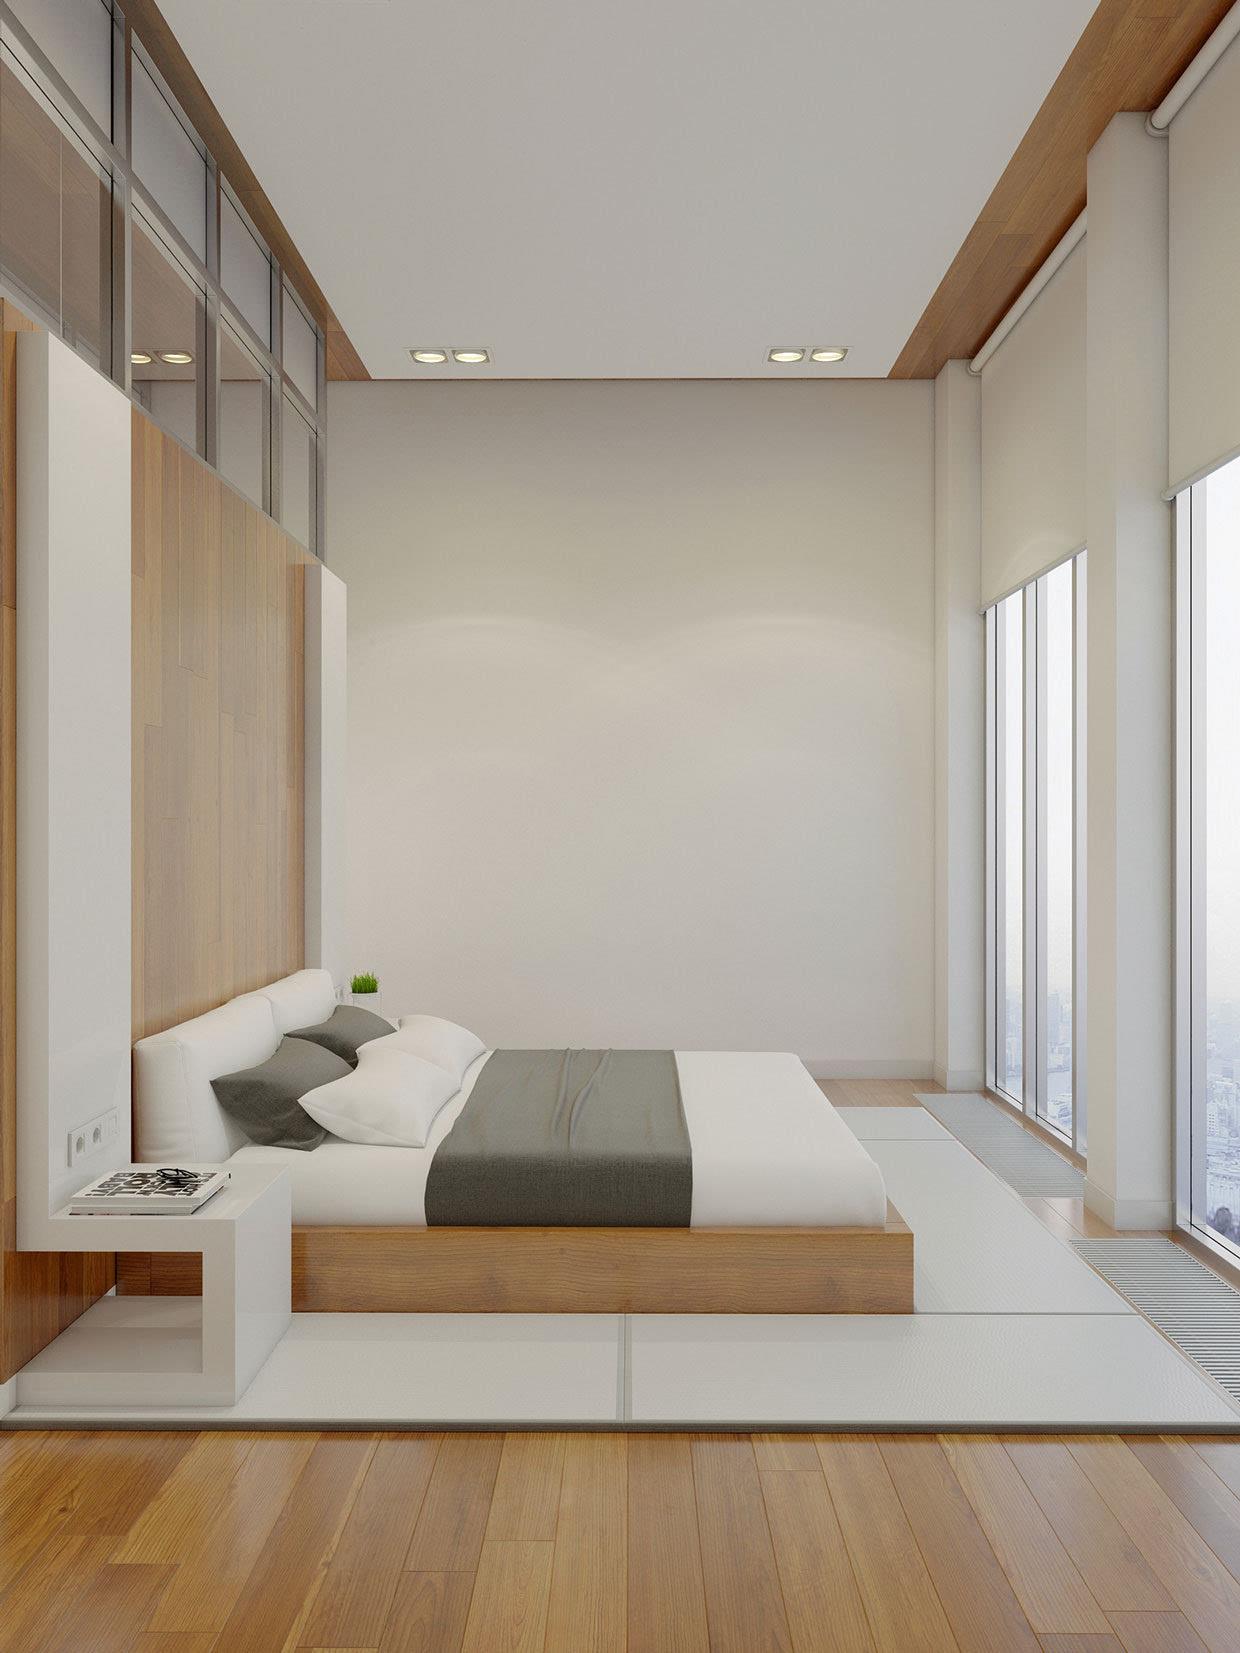 三室两厅创意装修图片_日式禁欲系